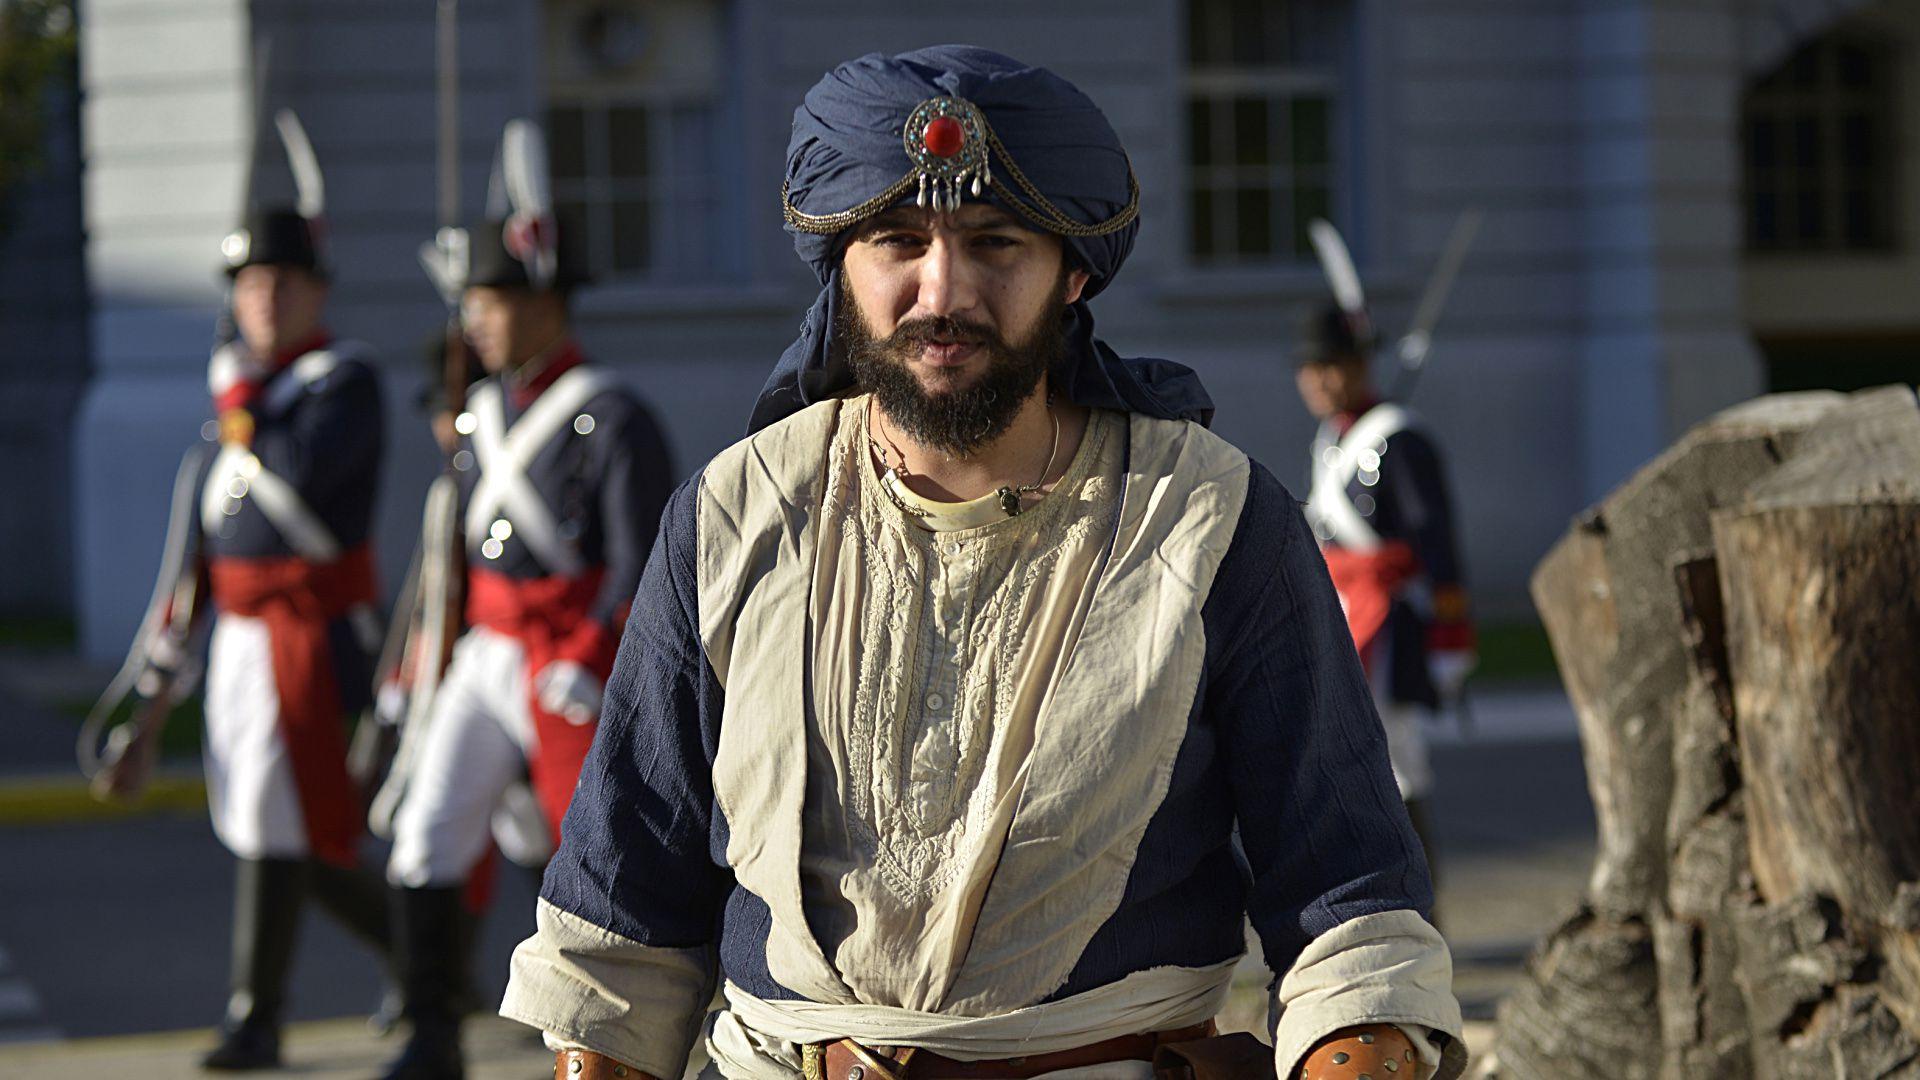 Los visitantesinteractuaron con romanos, vikingos, samuráis, árabes, soldados napoleónicos, gauchos y personajes medievales; apreciaron vivacs, campamentos, utensilios, vestimentas y uniformes de época; y disfrutaron de bailes, bandas y destrezas típicas